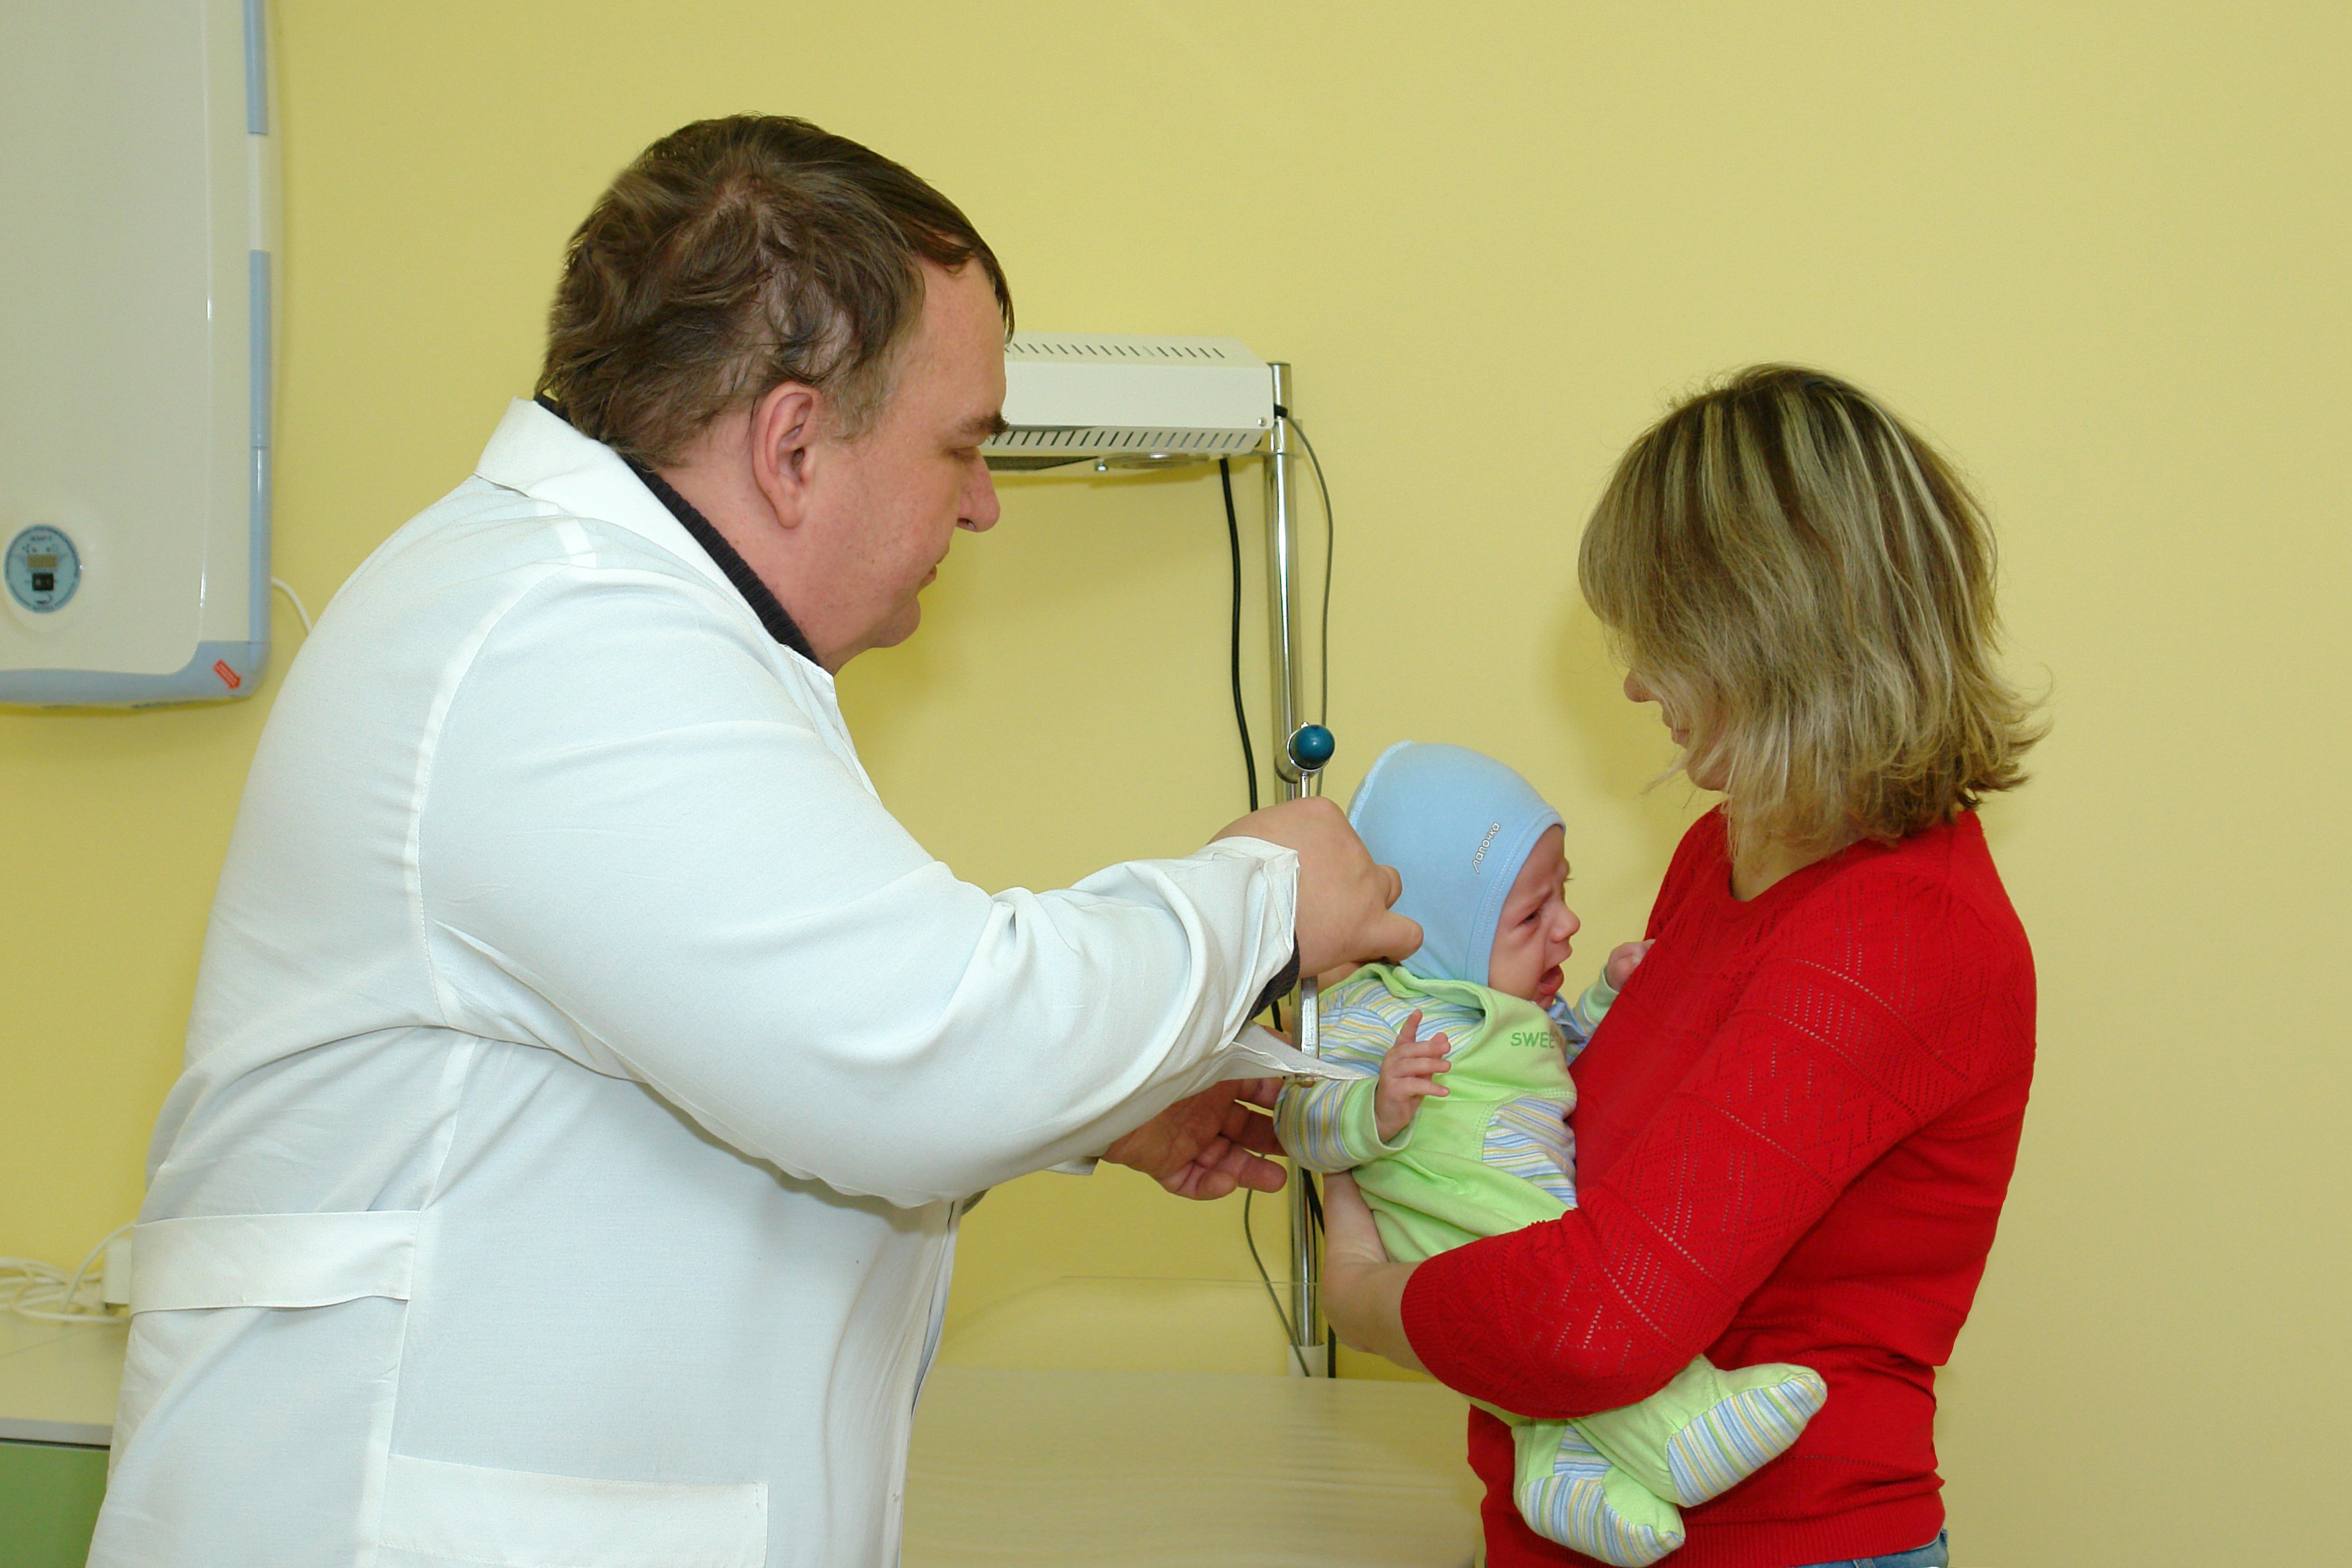 Сайт 3 поликлиники саранск запись ко врачу